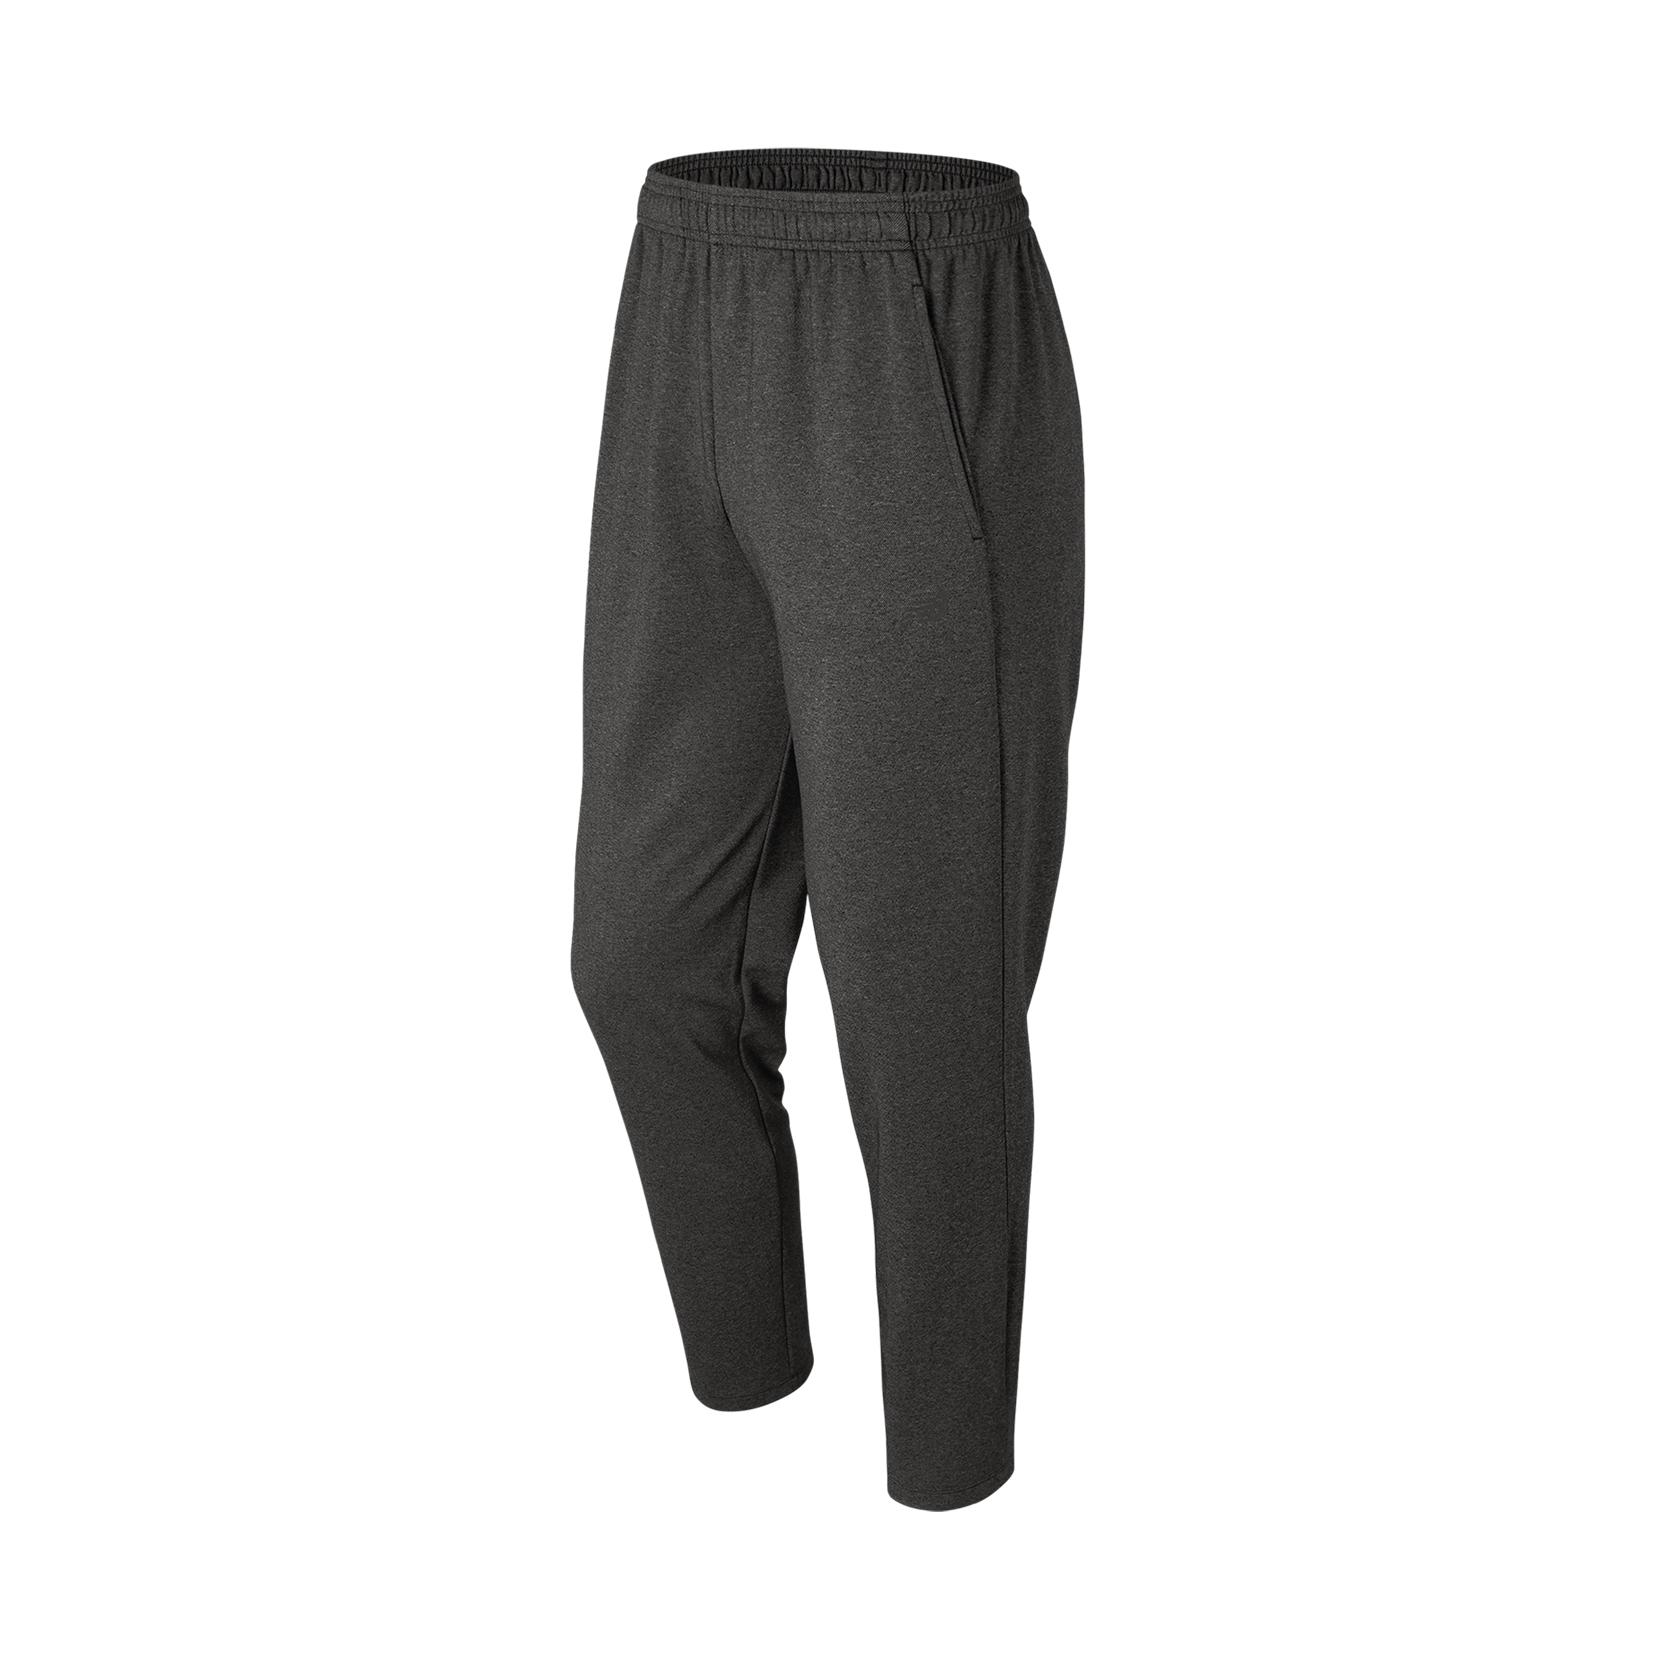 Спортивні брюки CORE KNIT  для чоловіків MP83958BGR | New Balance